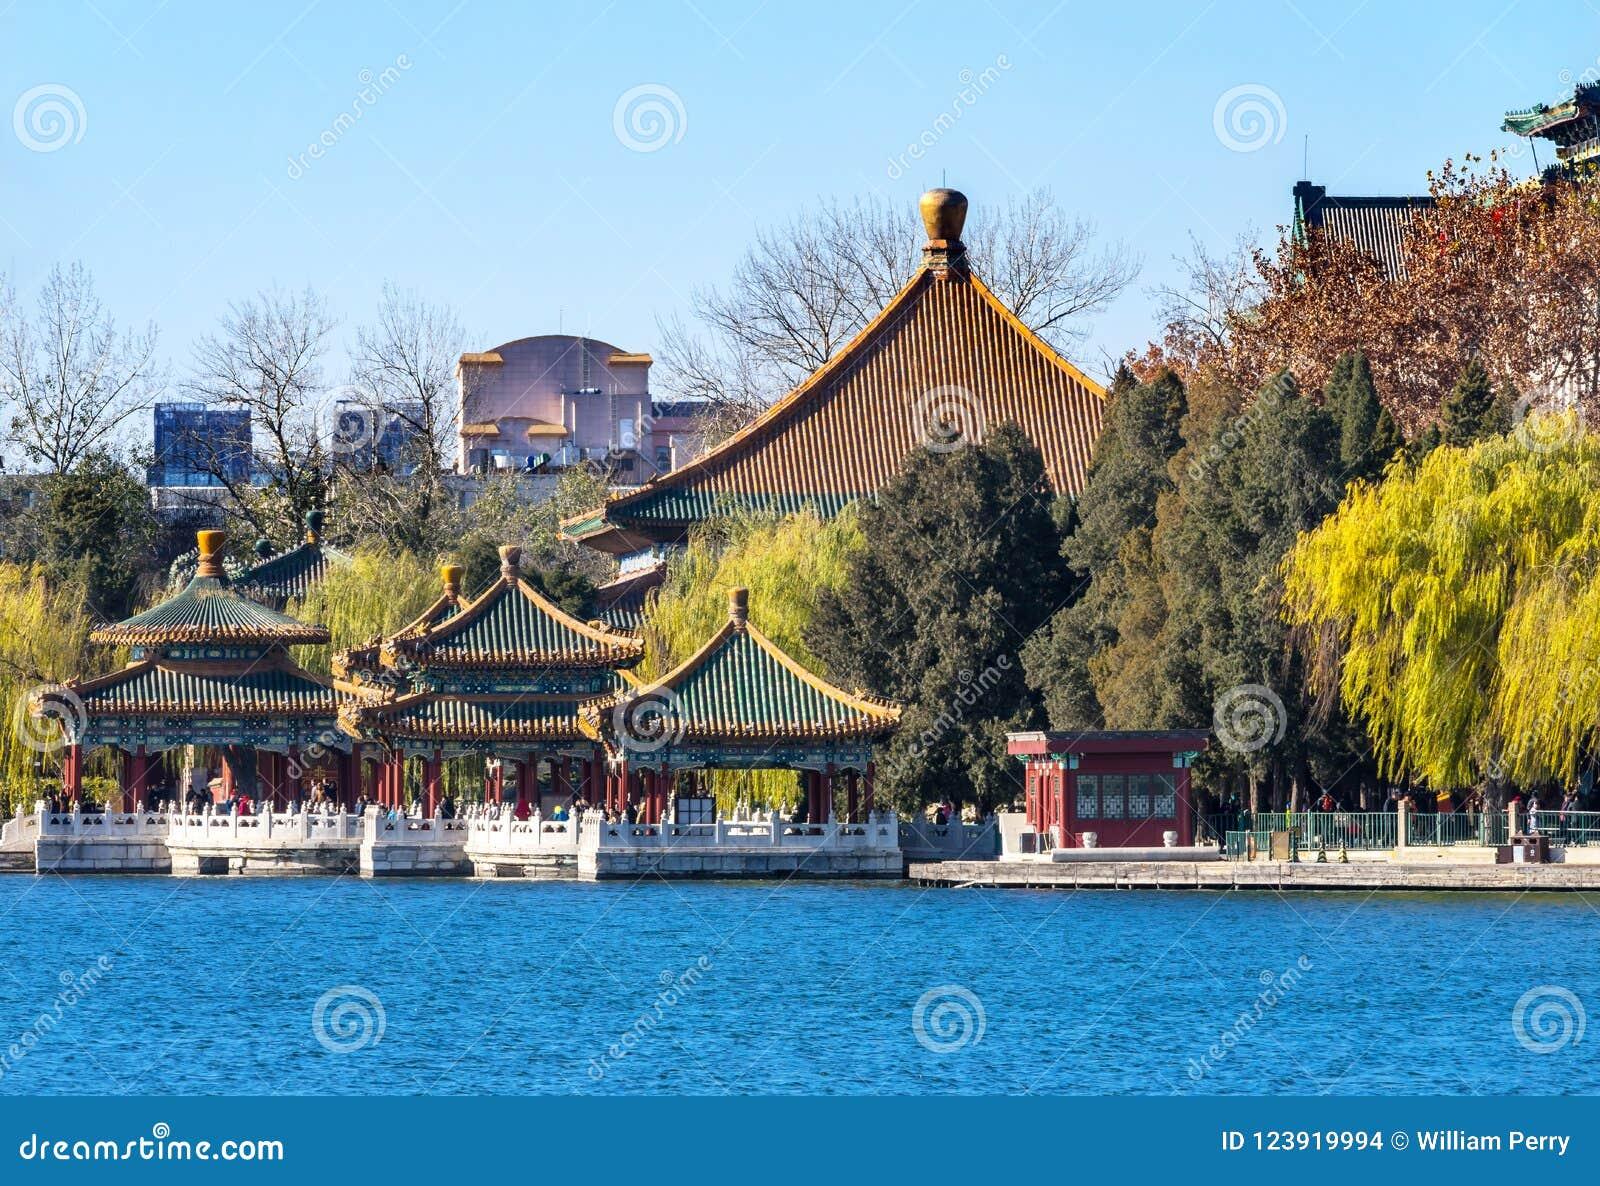 China beihai